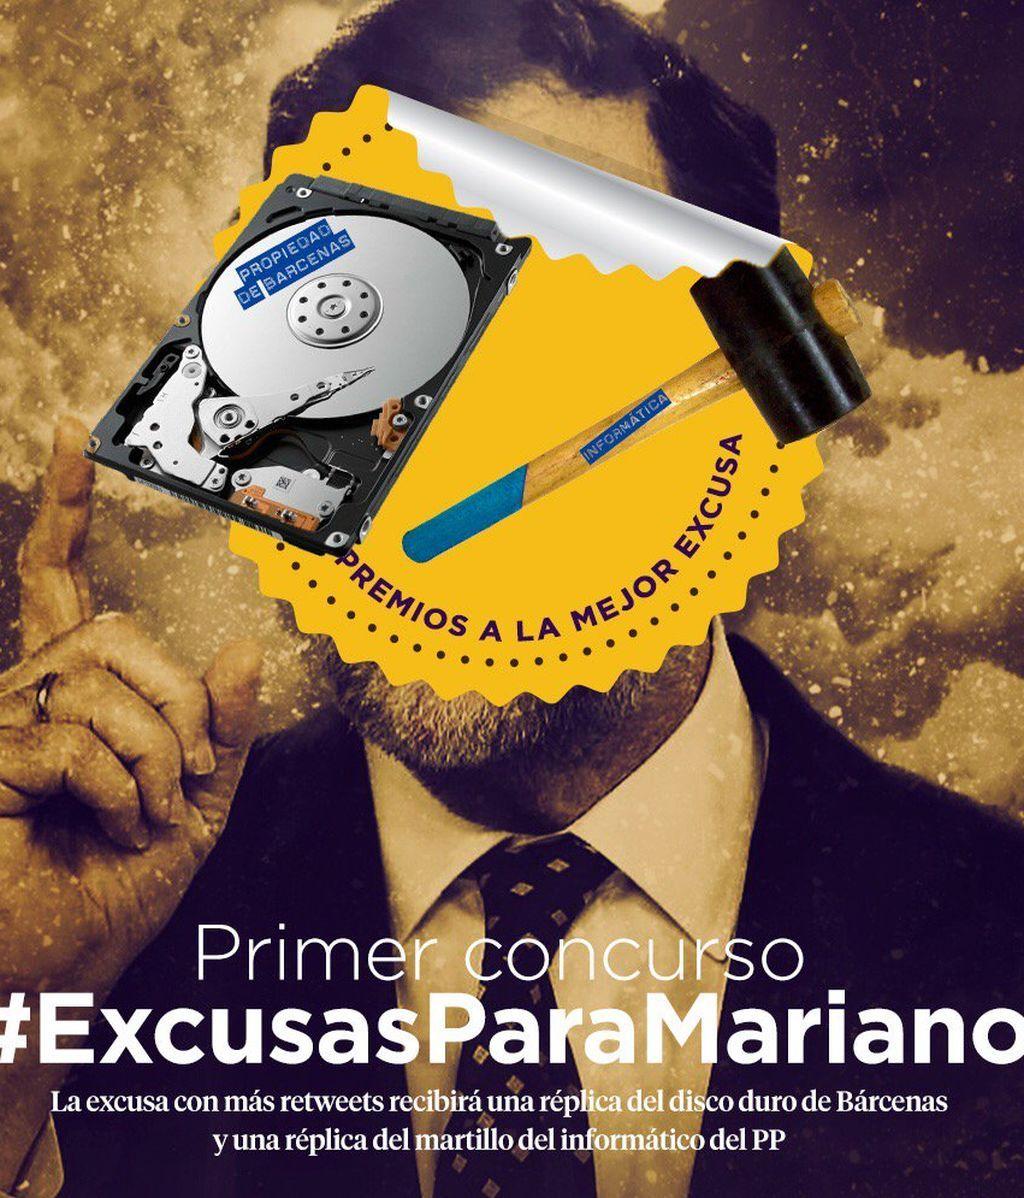 Pablo Iglesias y su equipo se 'mofan' de las excusas de Rajoy en redes sociales